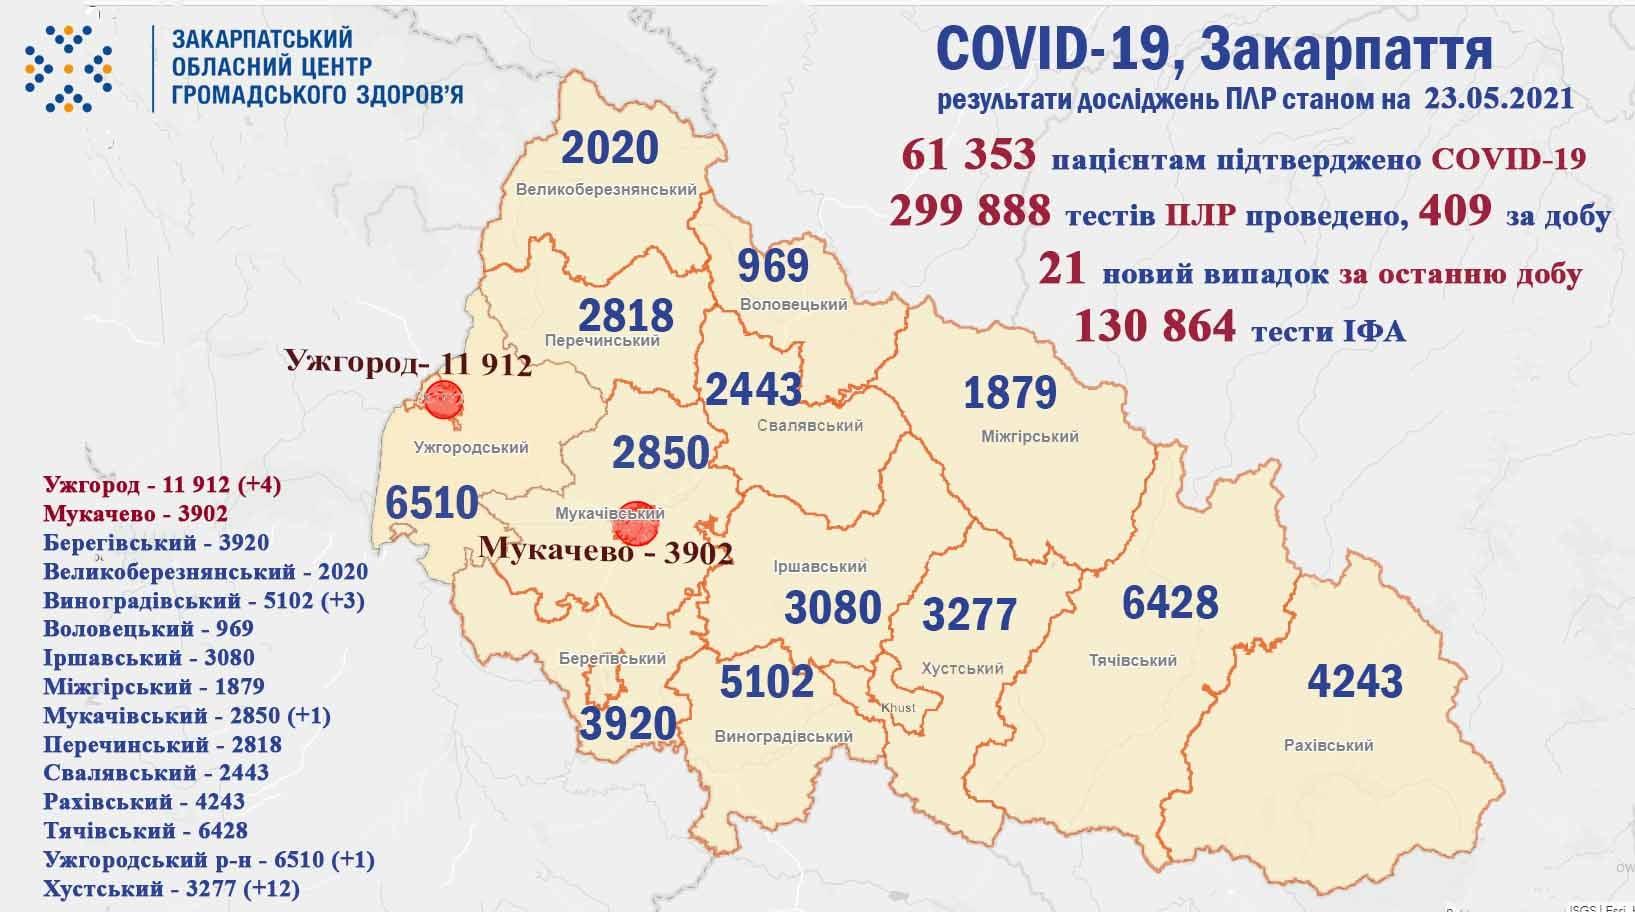 На Закарпатті за минулу добу виявили 21 випадок COVID-19